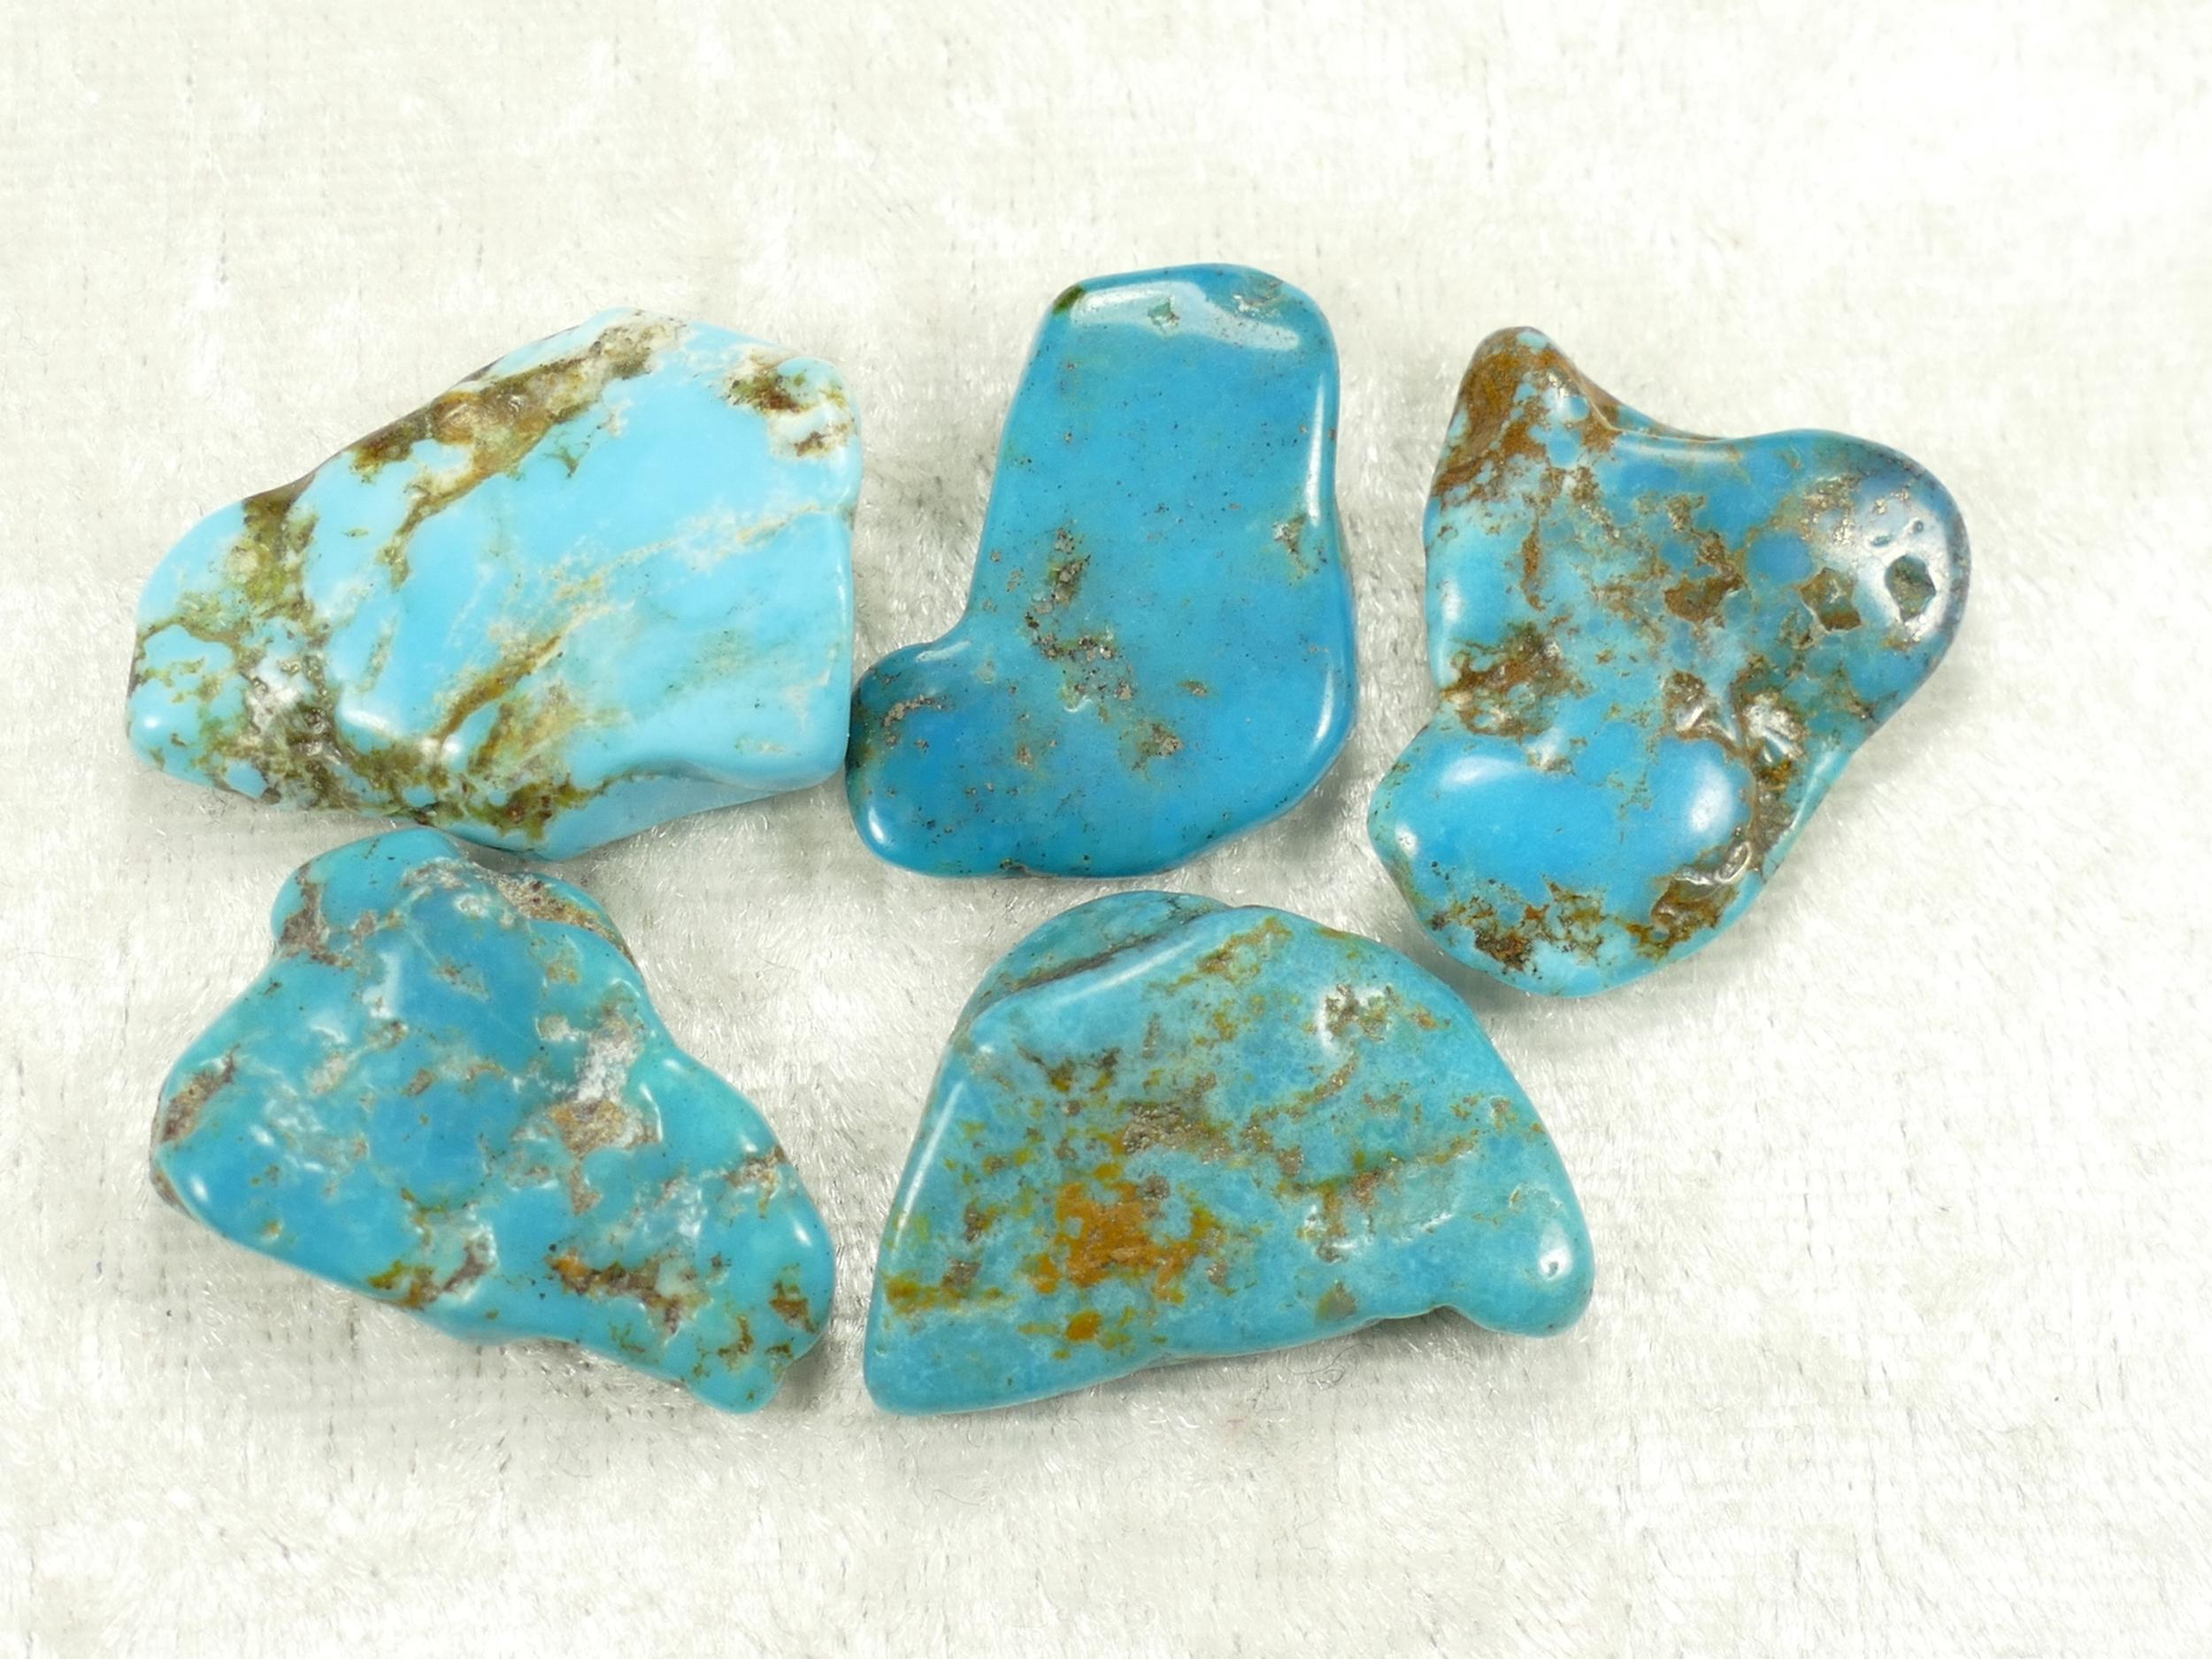 5 Turquoise naturelle en morceau roulé avec matrice de Mongolie 14.09g lot (#PK600)